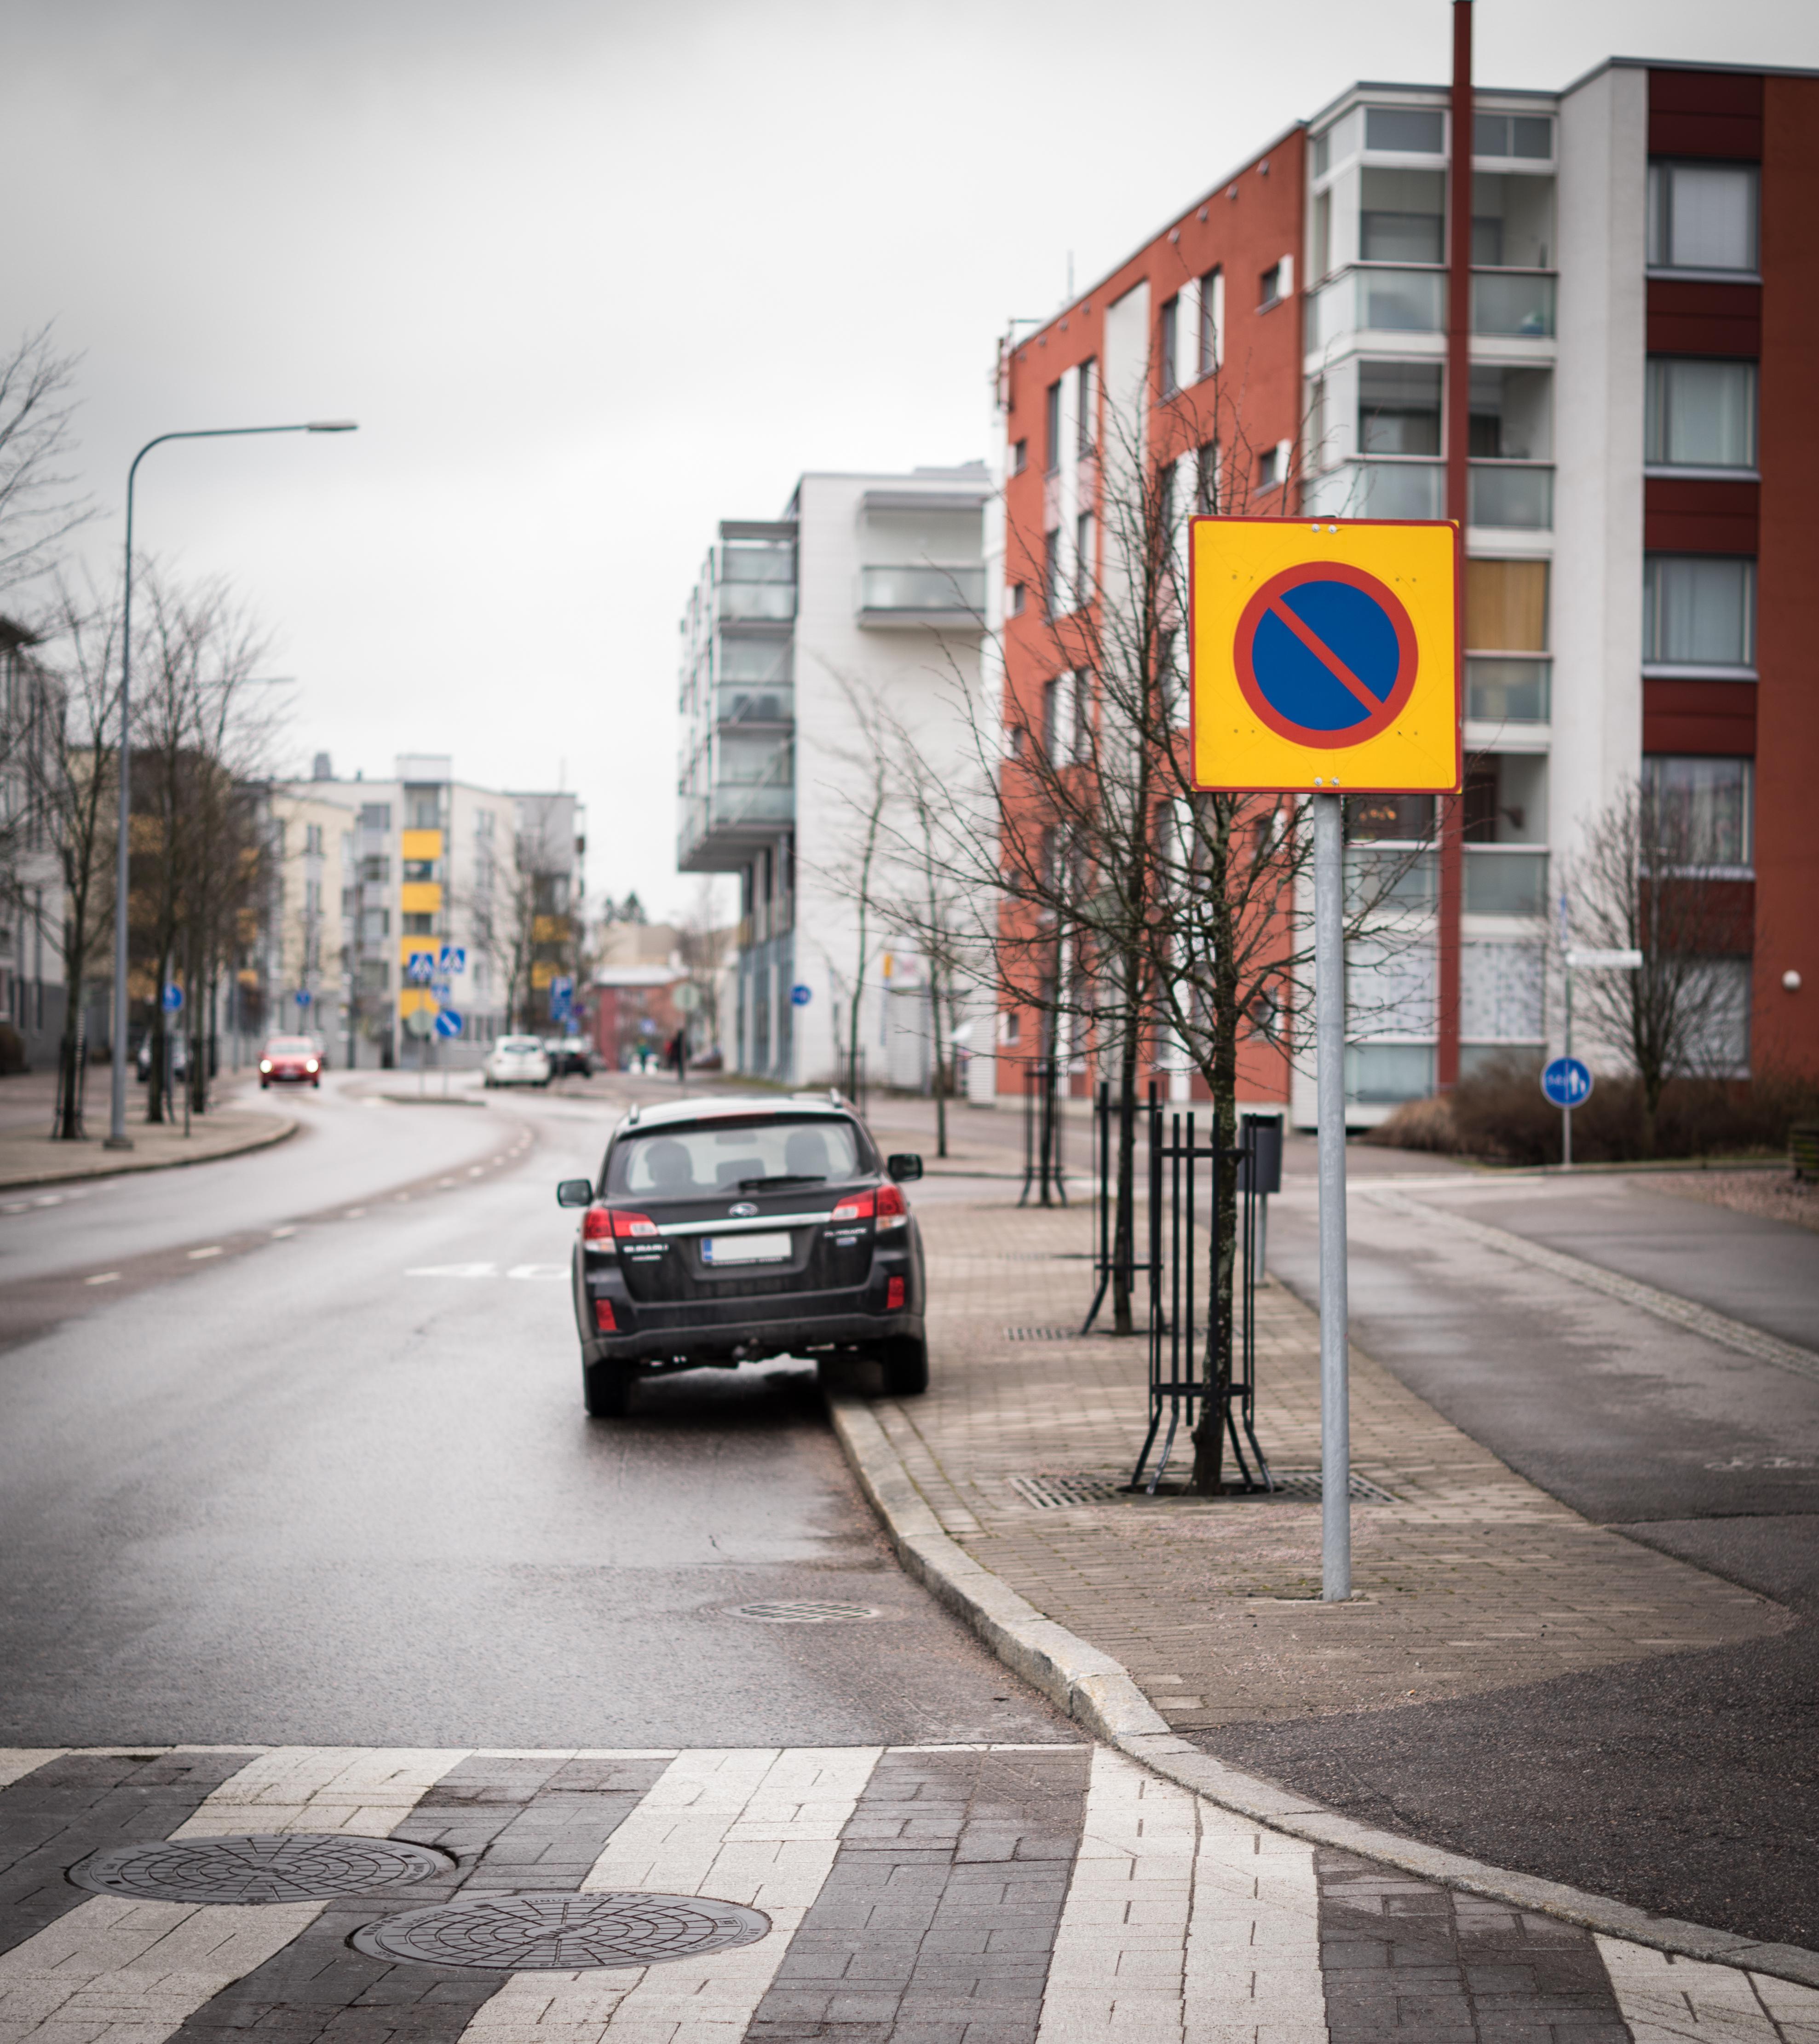 Espoon Matinkylässä korvataan aluepysäköintikieltomerkit (kuvassa) selkeillä katujen varsille pystytettävillä pysäköintikieltomerkeillä. (Kuva: Trafix)